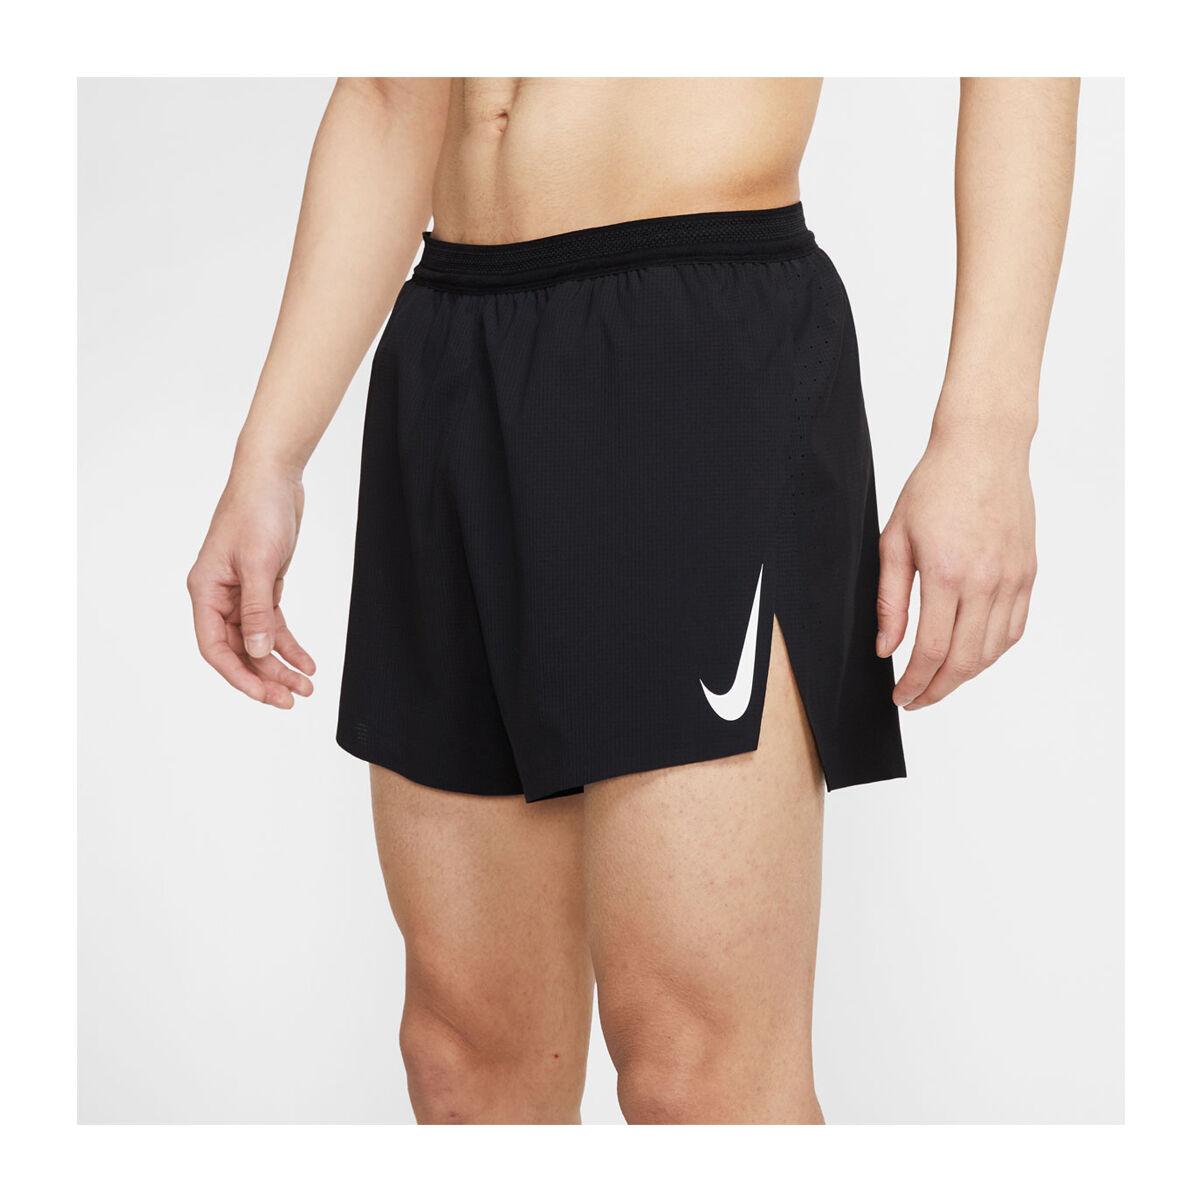 Nike Mens AeroSwift 4 Inch Running